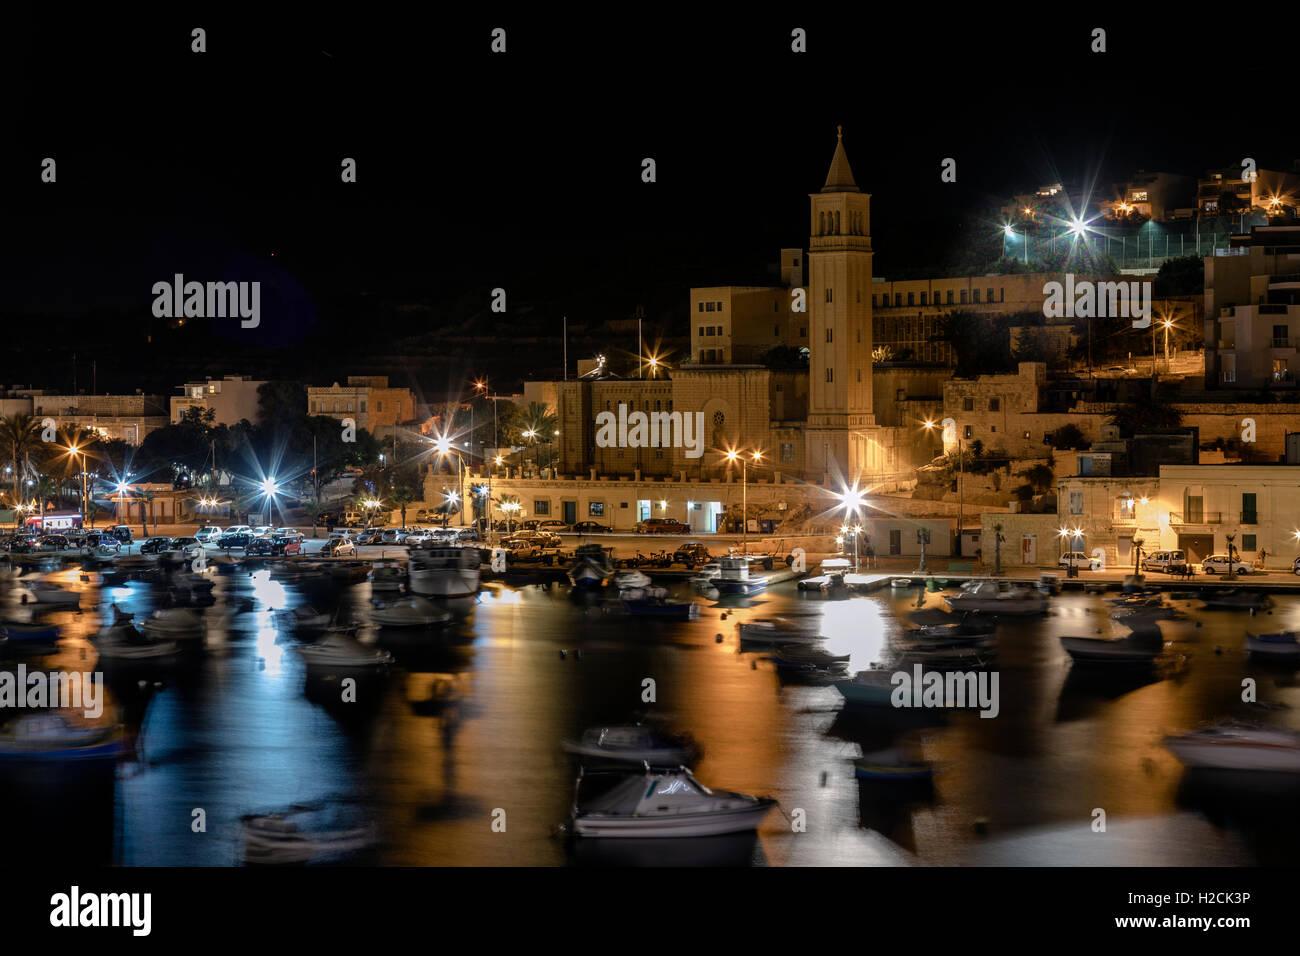 Marsaskala, Valletta, Malta - Stock Image